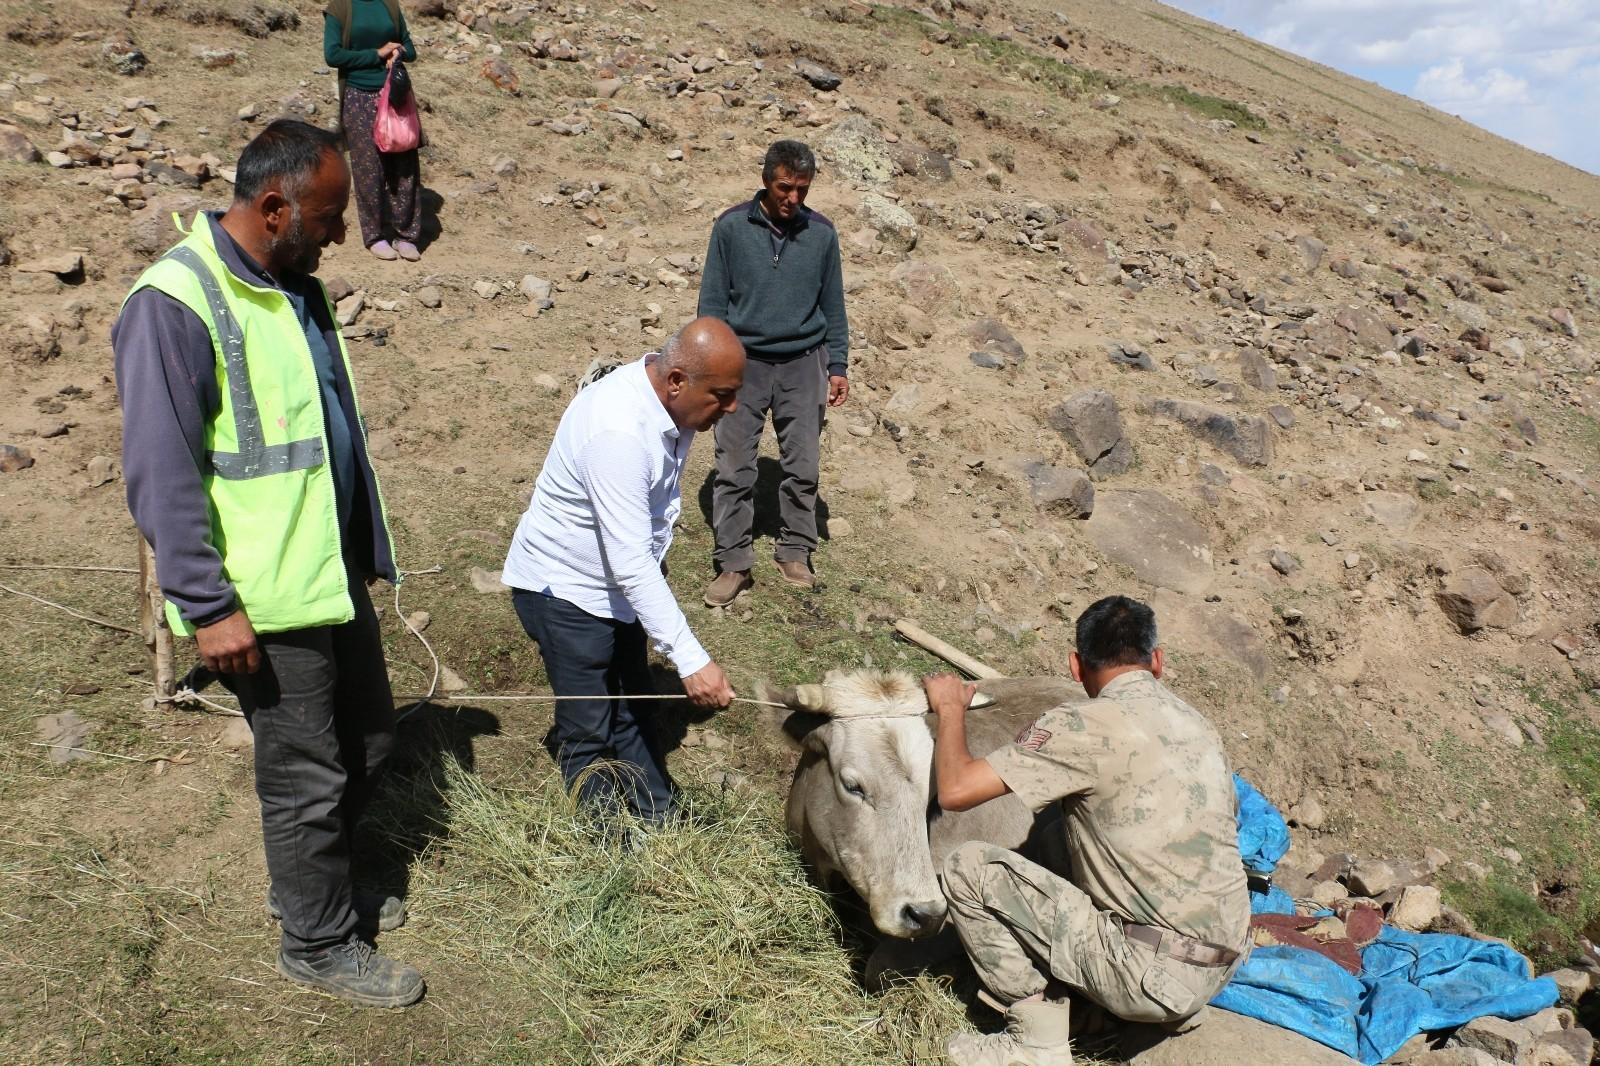 Diyadin'de uçurumdan yuvarlanan inek kurtarıldı